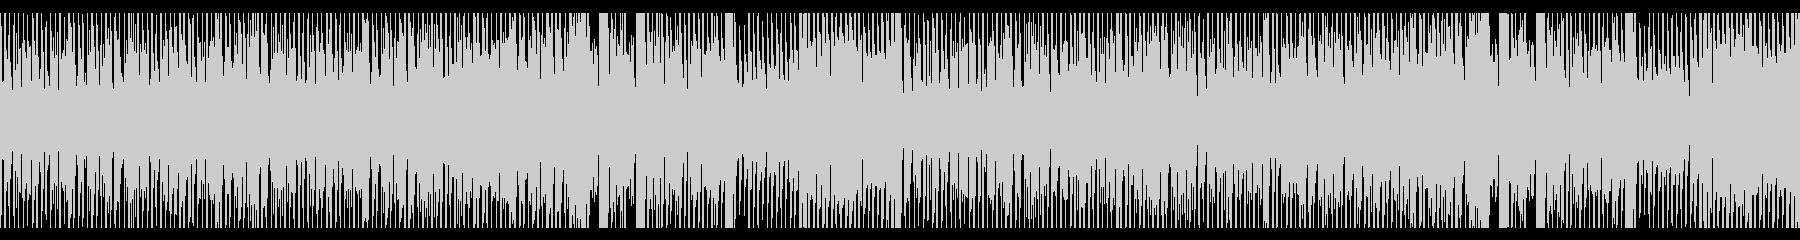 明るく爽やかなスウィング系エレクトロの未再生の波形